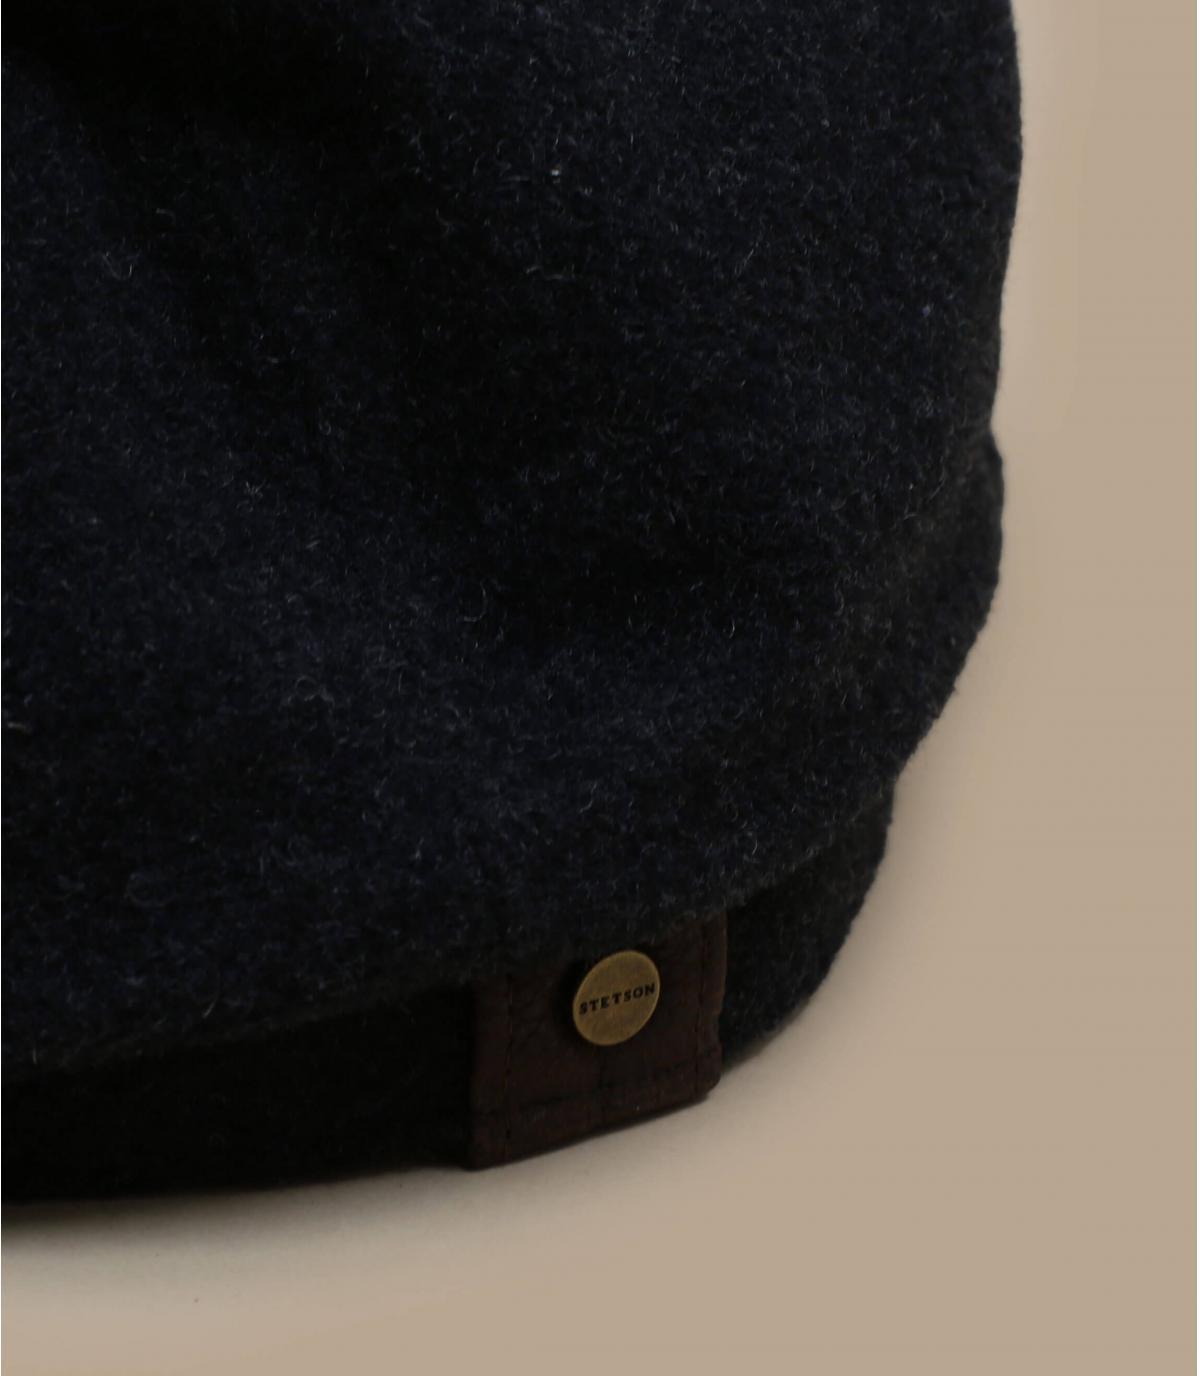 Hatteras anthracite stetson